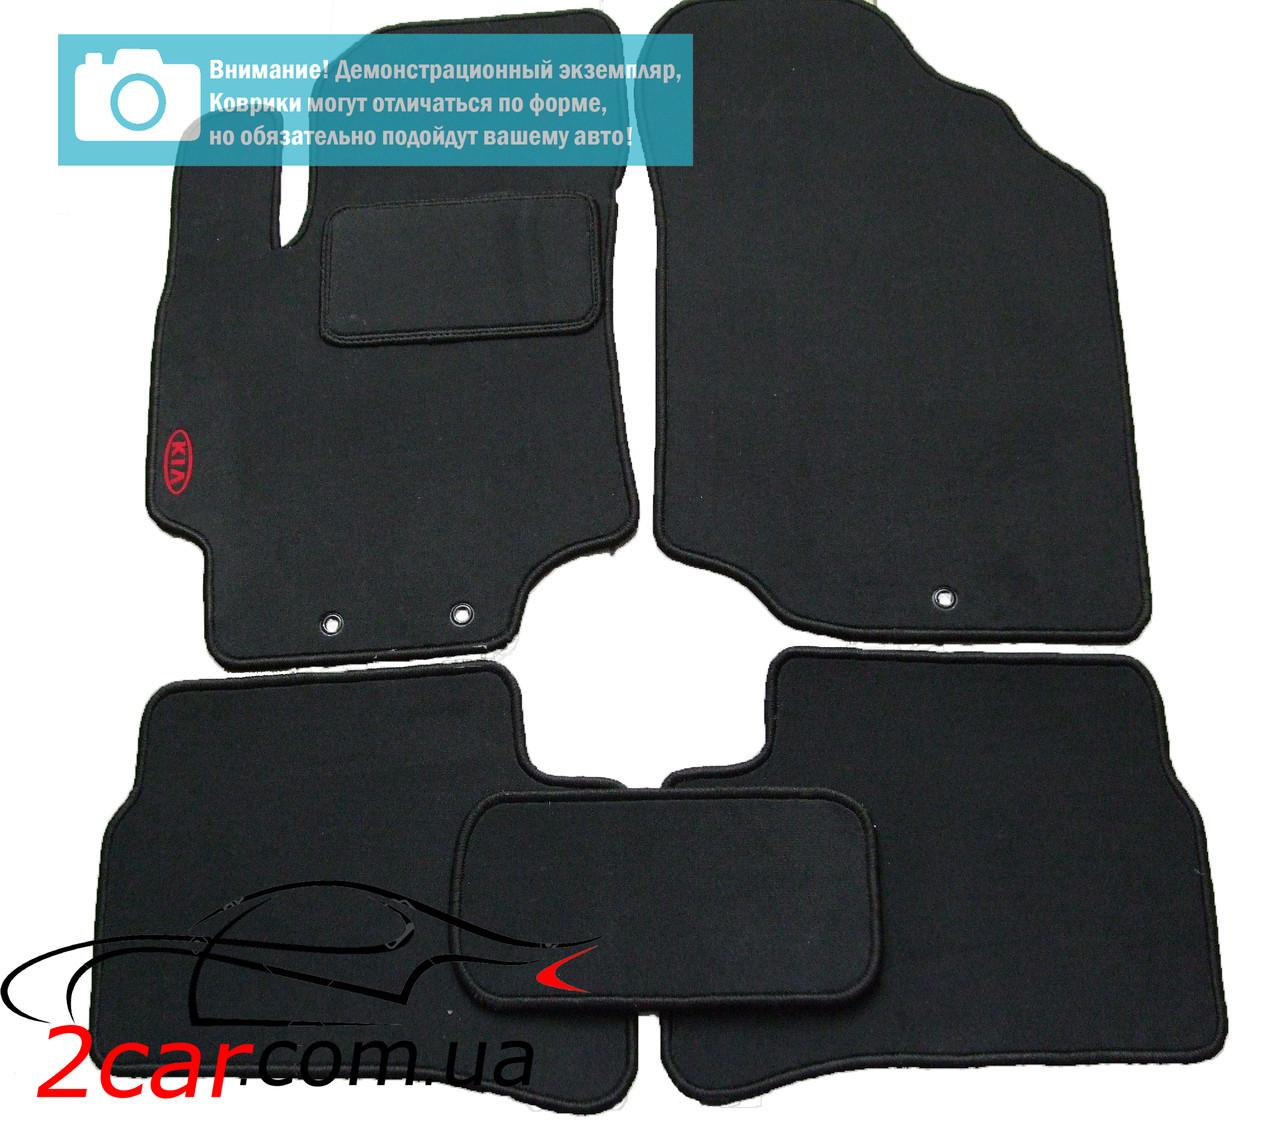 Текстильные коврики в салон для Mazda 6 (2007-2012) (серые) (StingrayU